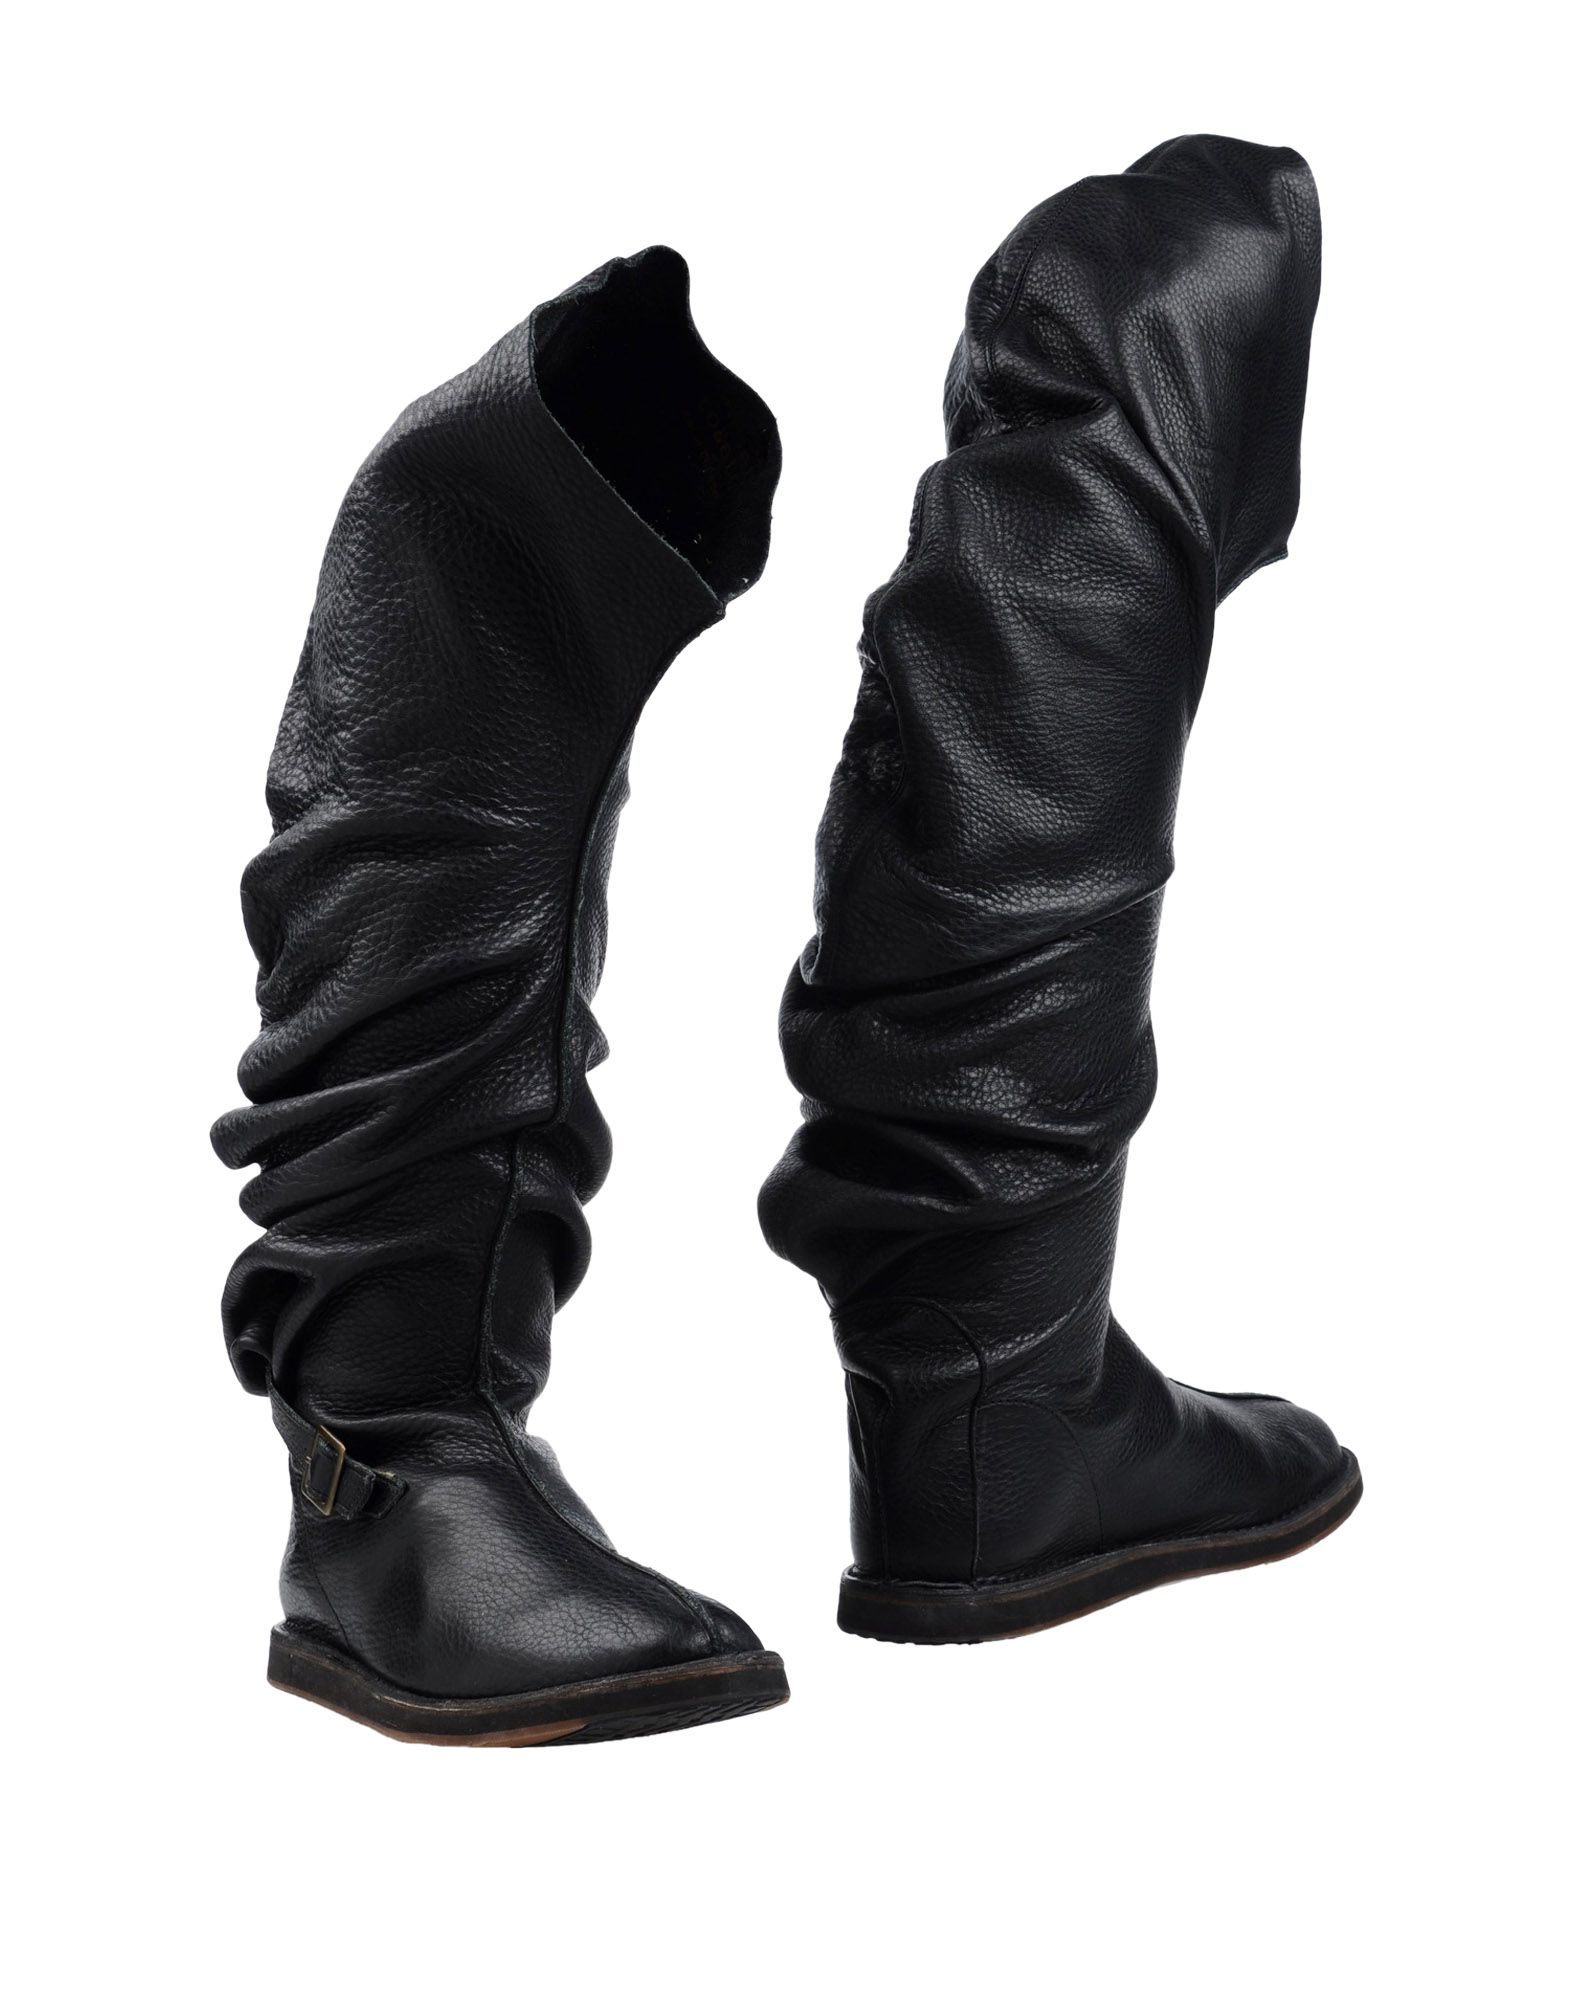 CAMPER TOGETHER Boots in Black